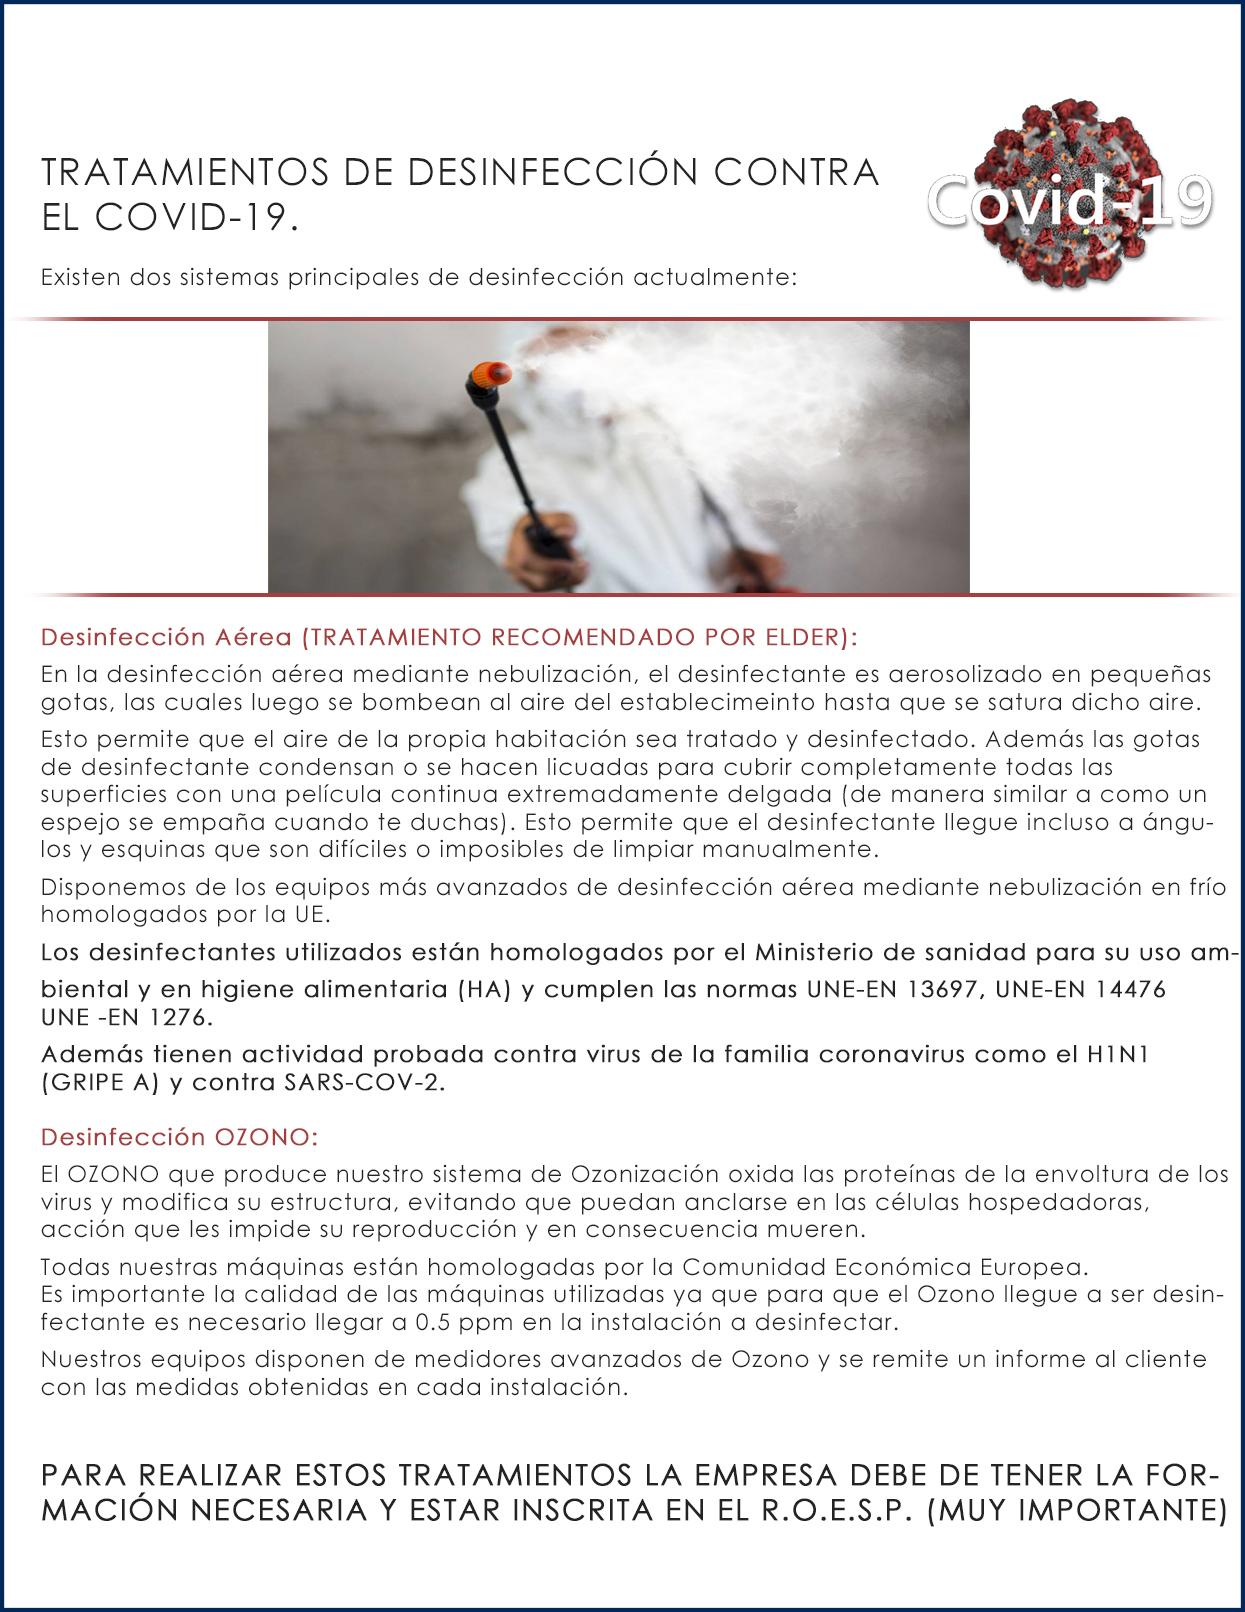 Tratamientos de desinfección contra COVID-19